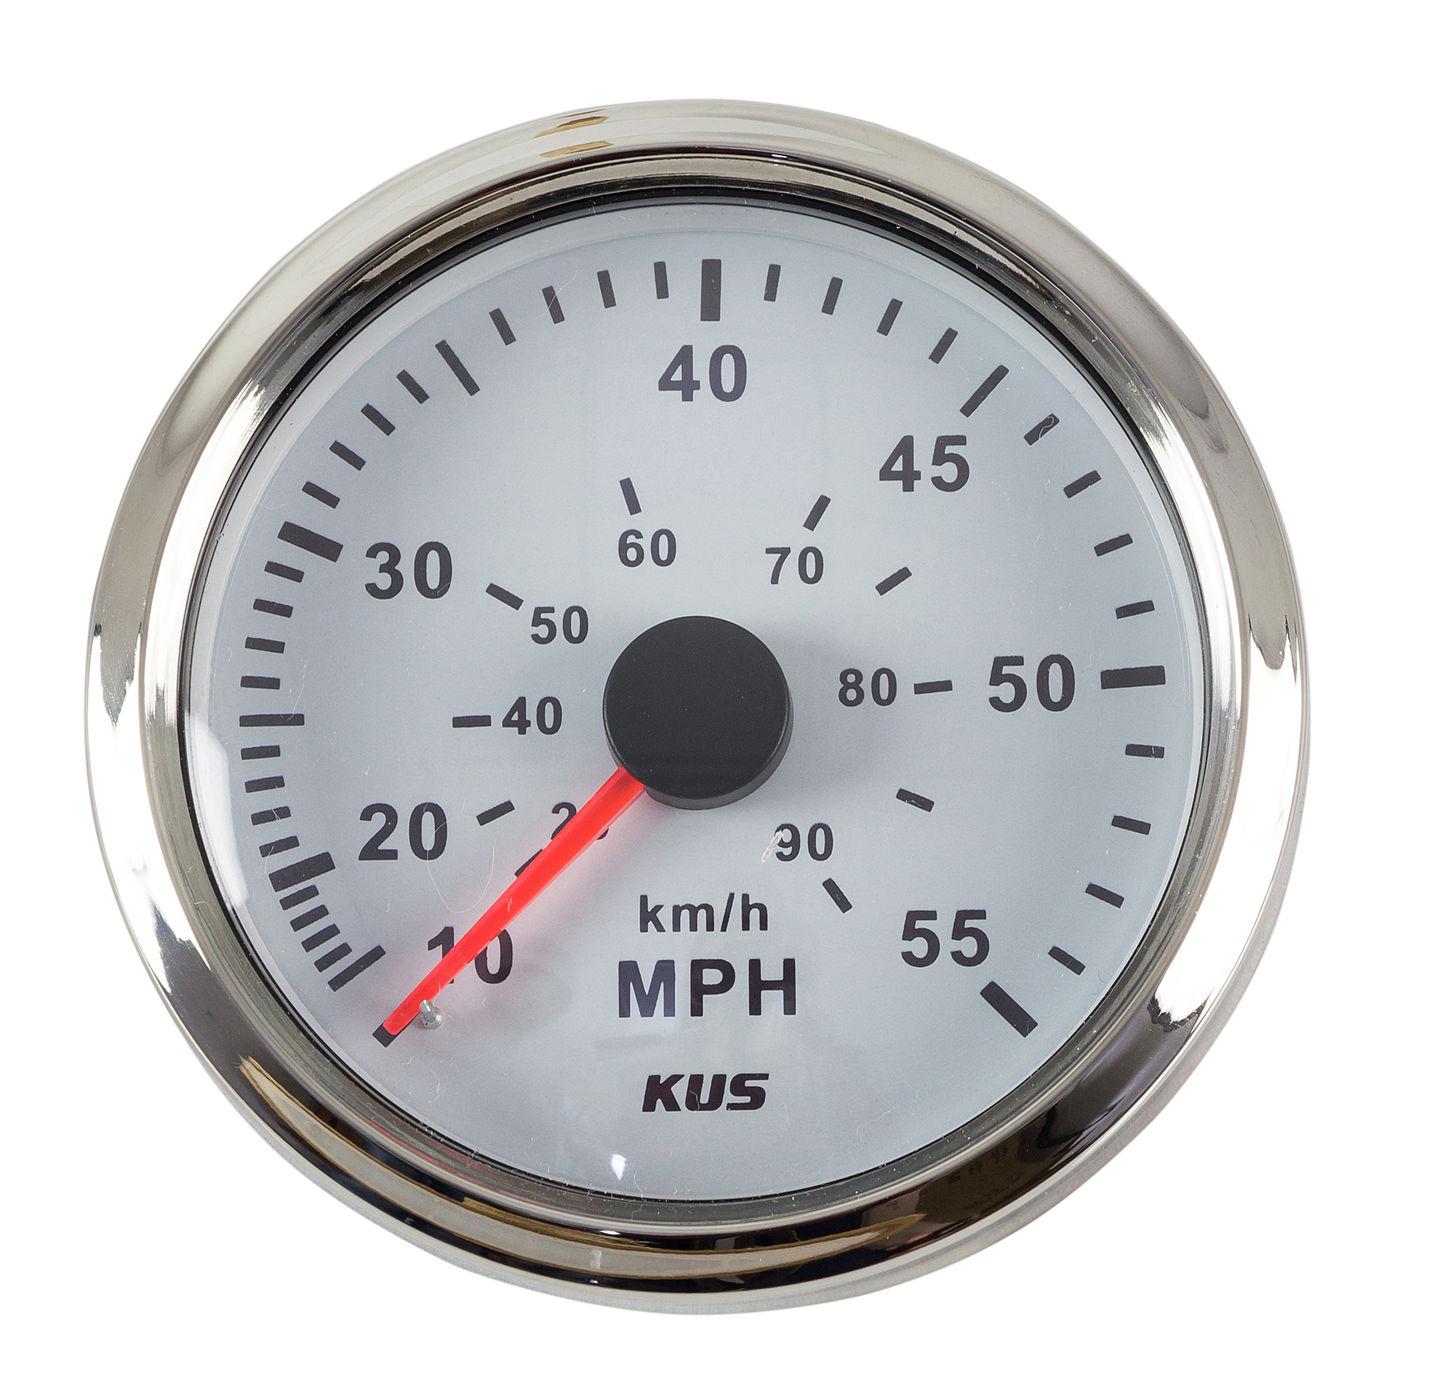 Snelheidsmeter Gauge 0-55 Mph, Witte Wijzerplaat, Roestvrij Staal Bezel. 85 Mm KY18101